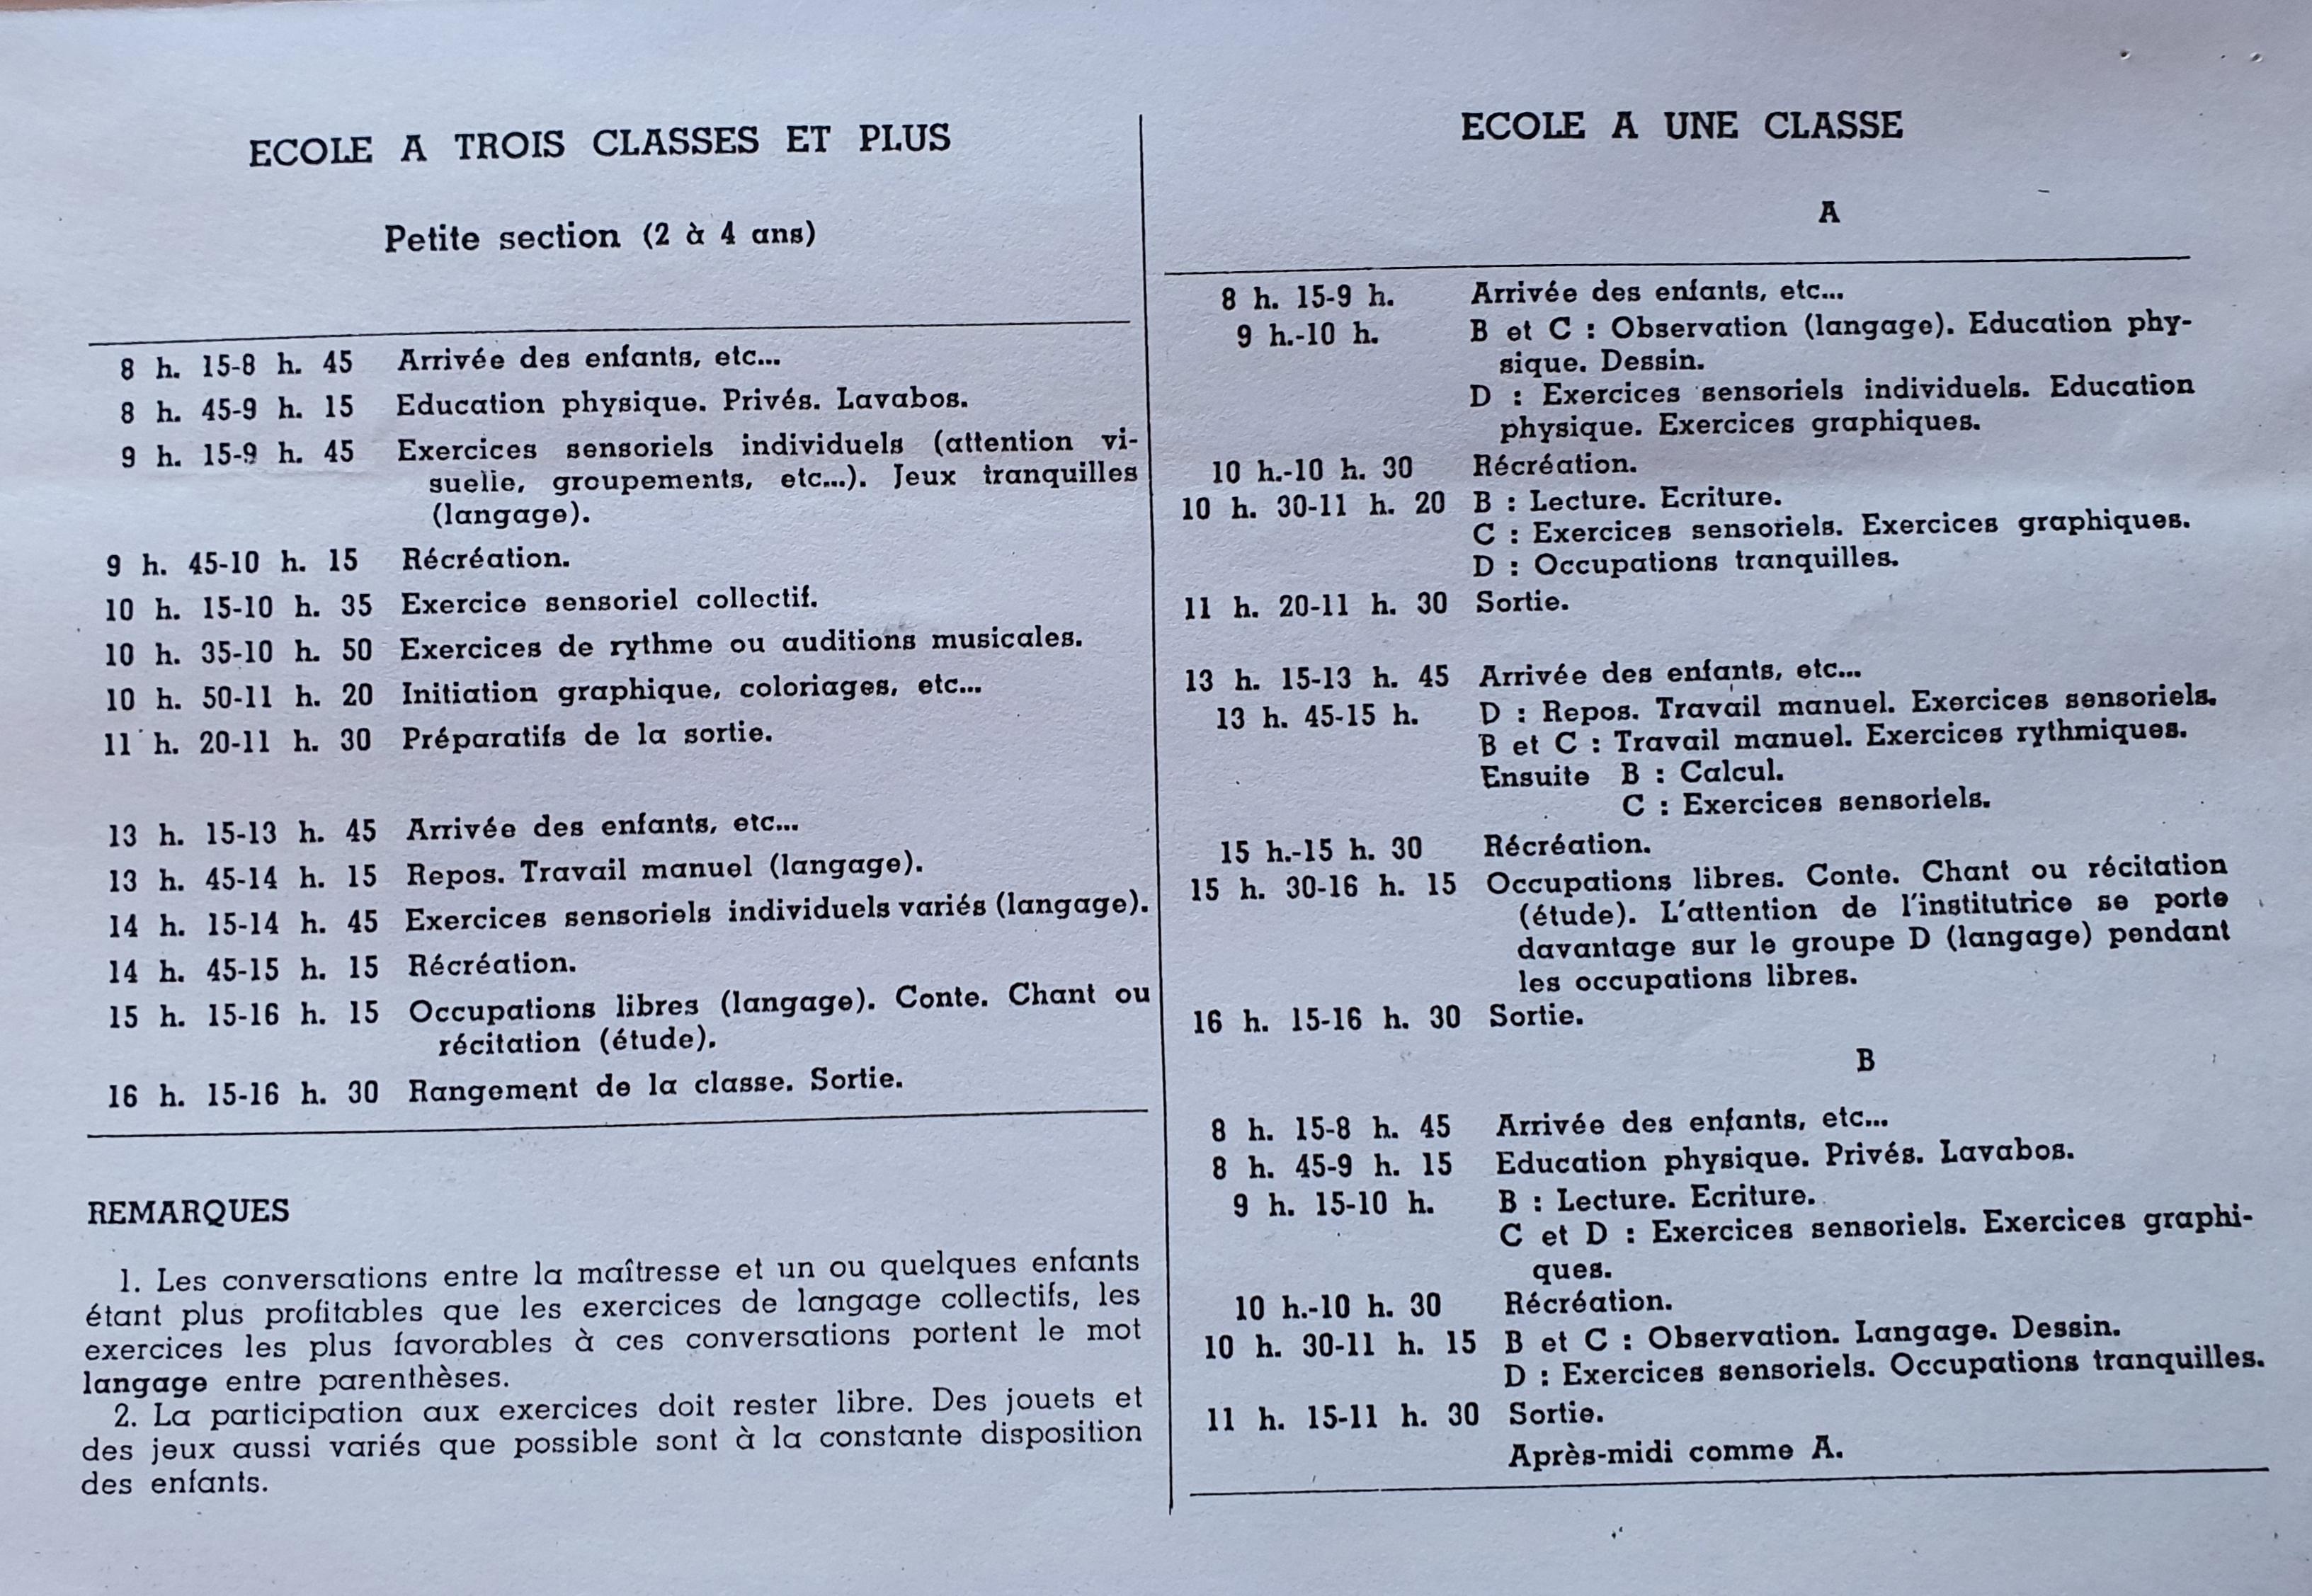 Emploi du temps 1939 école à une classe